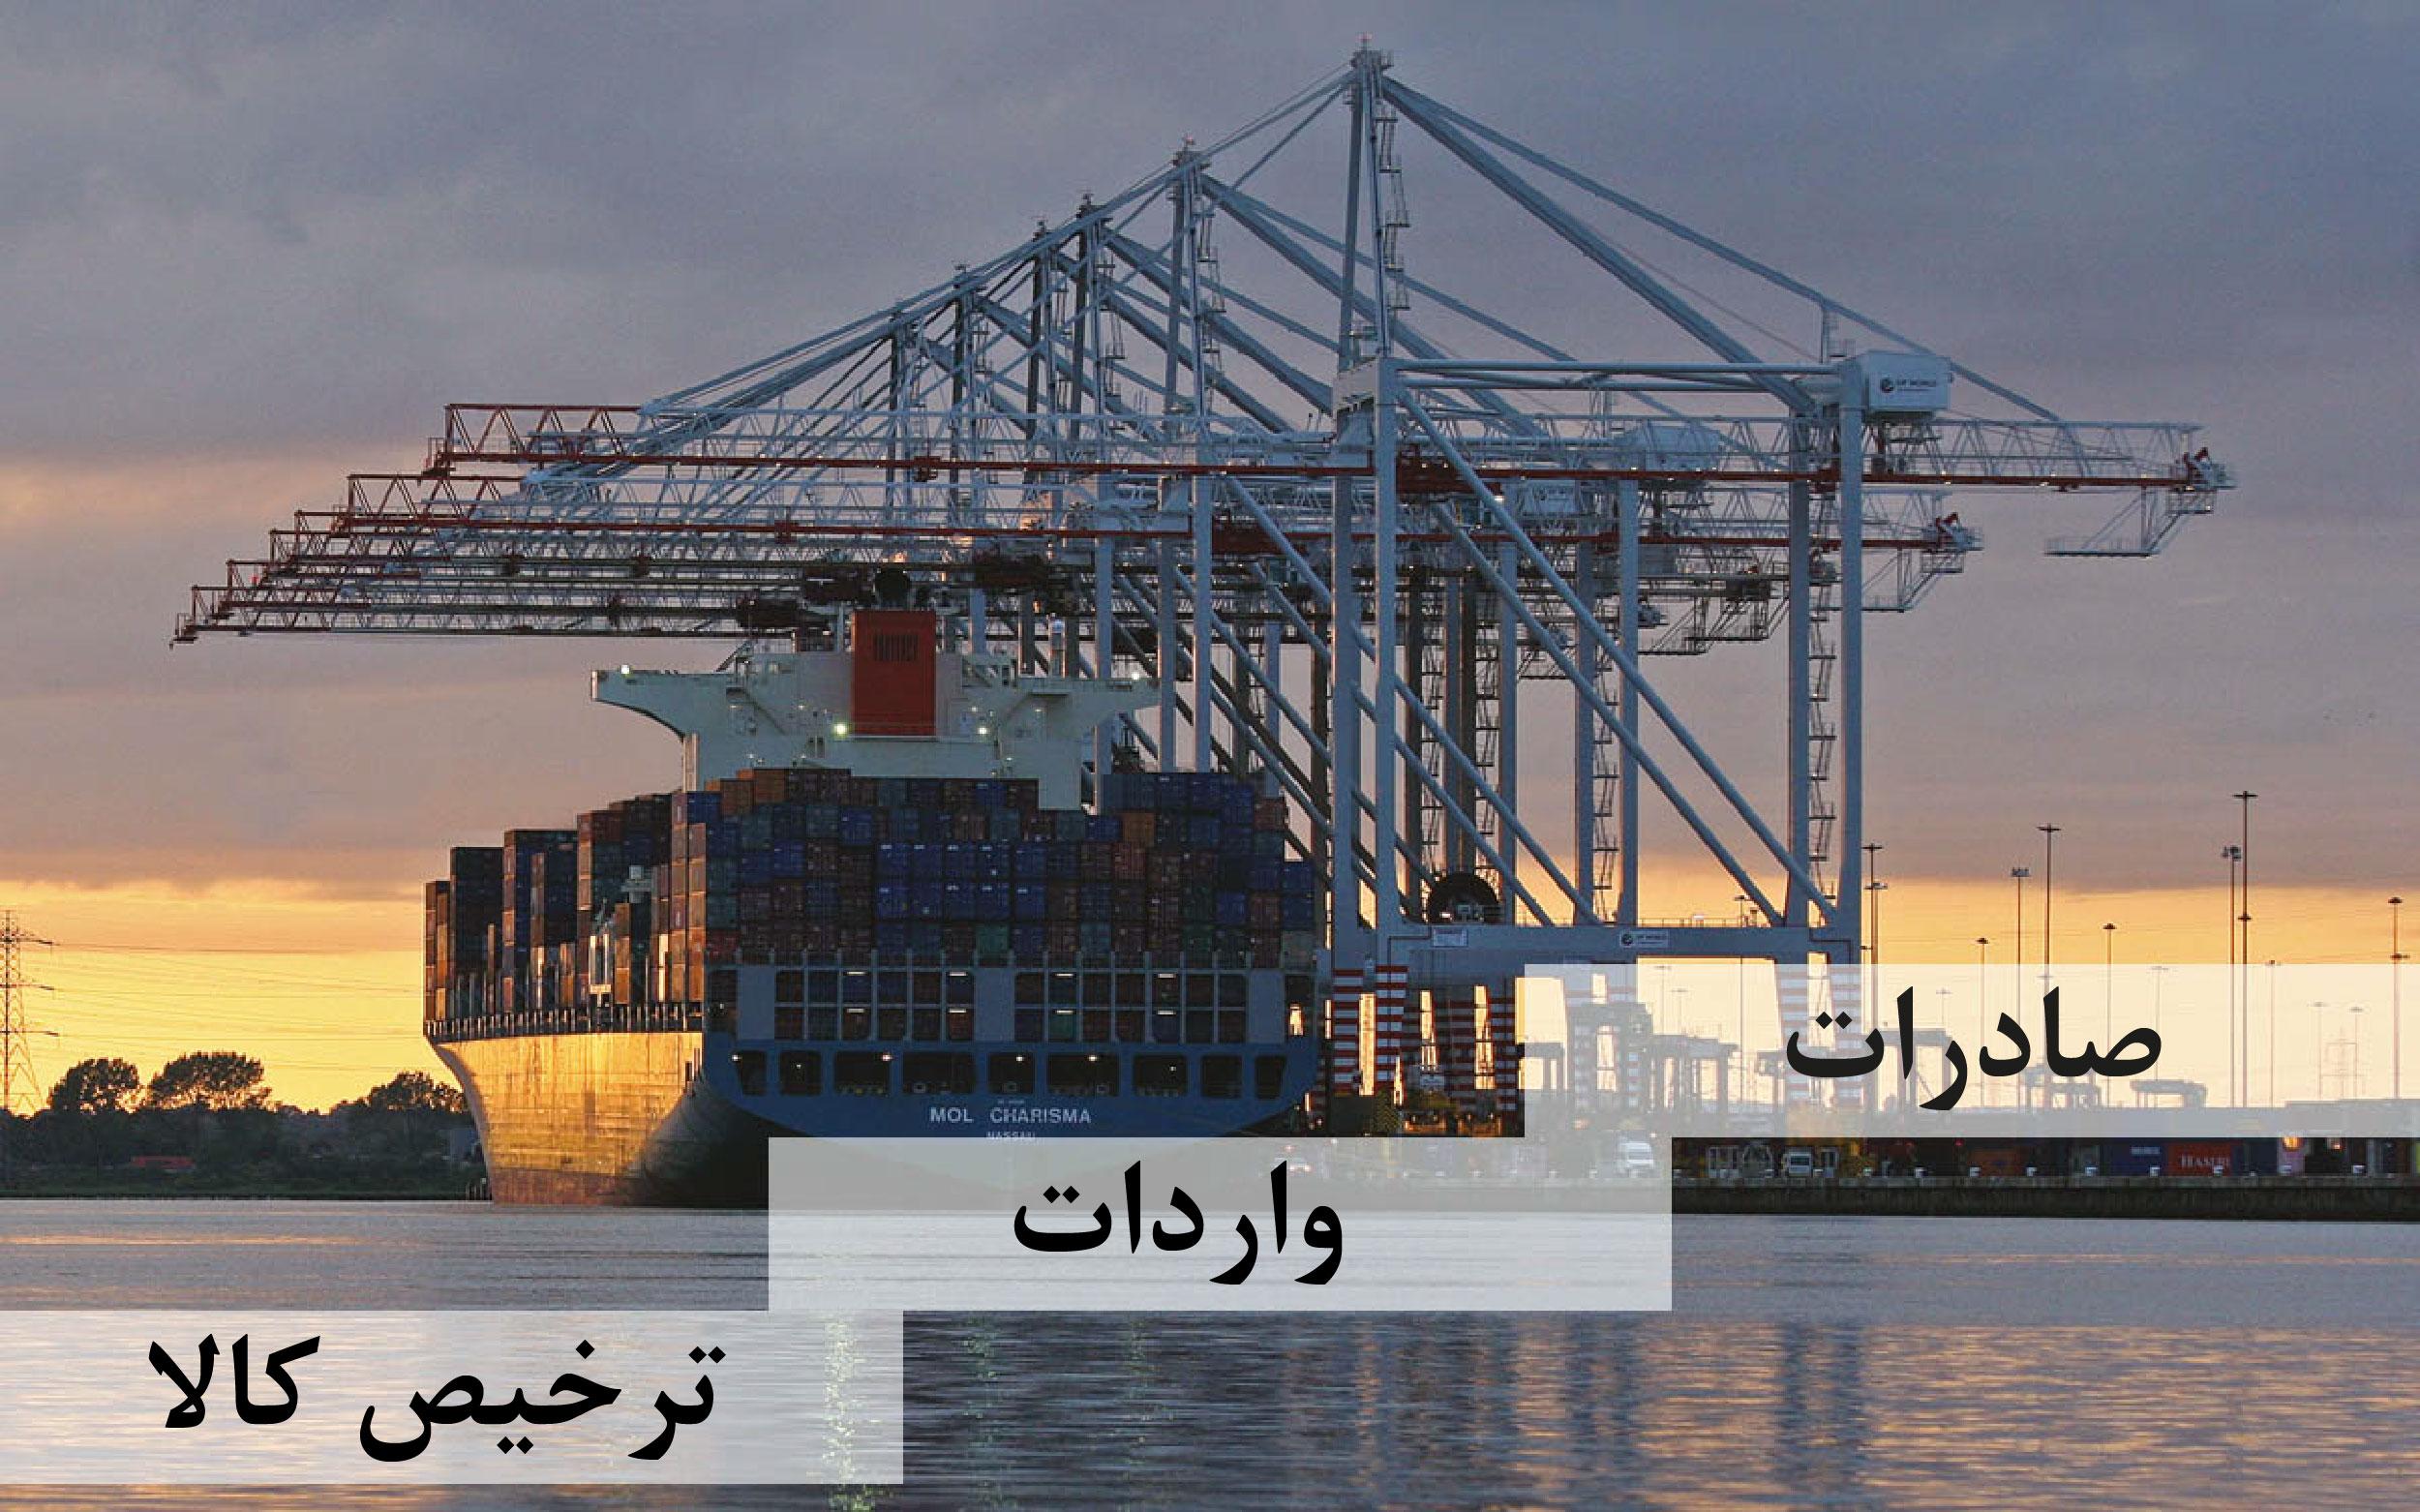 واردات صادرات ترخیص کالا